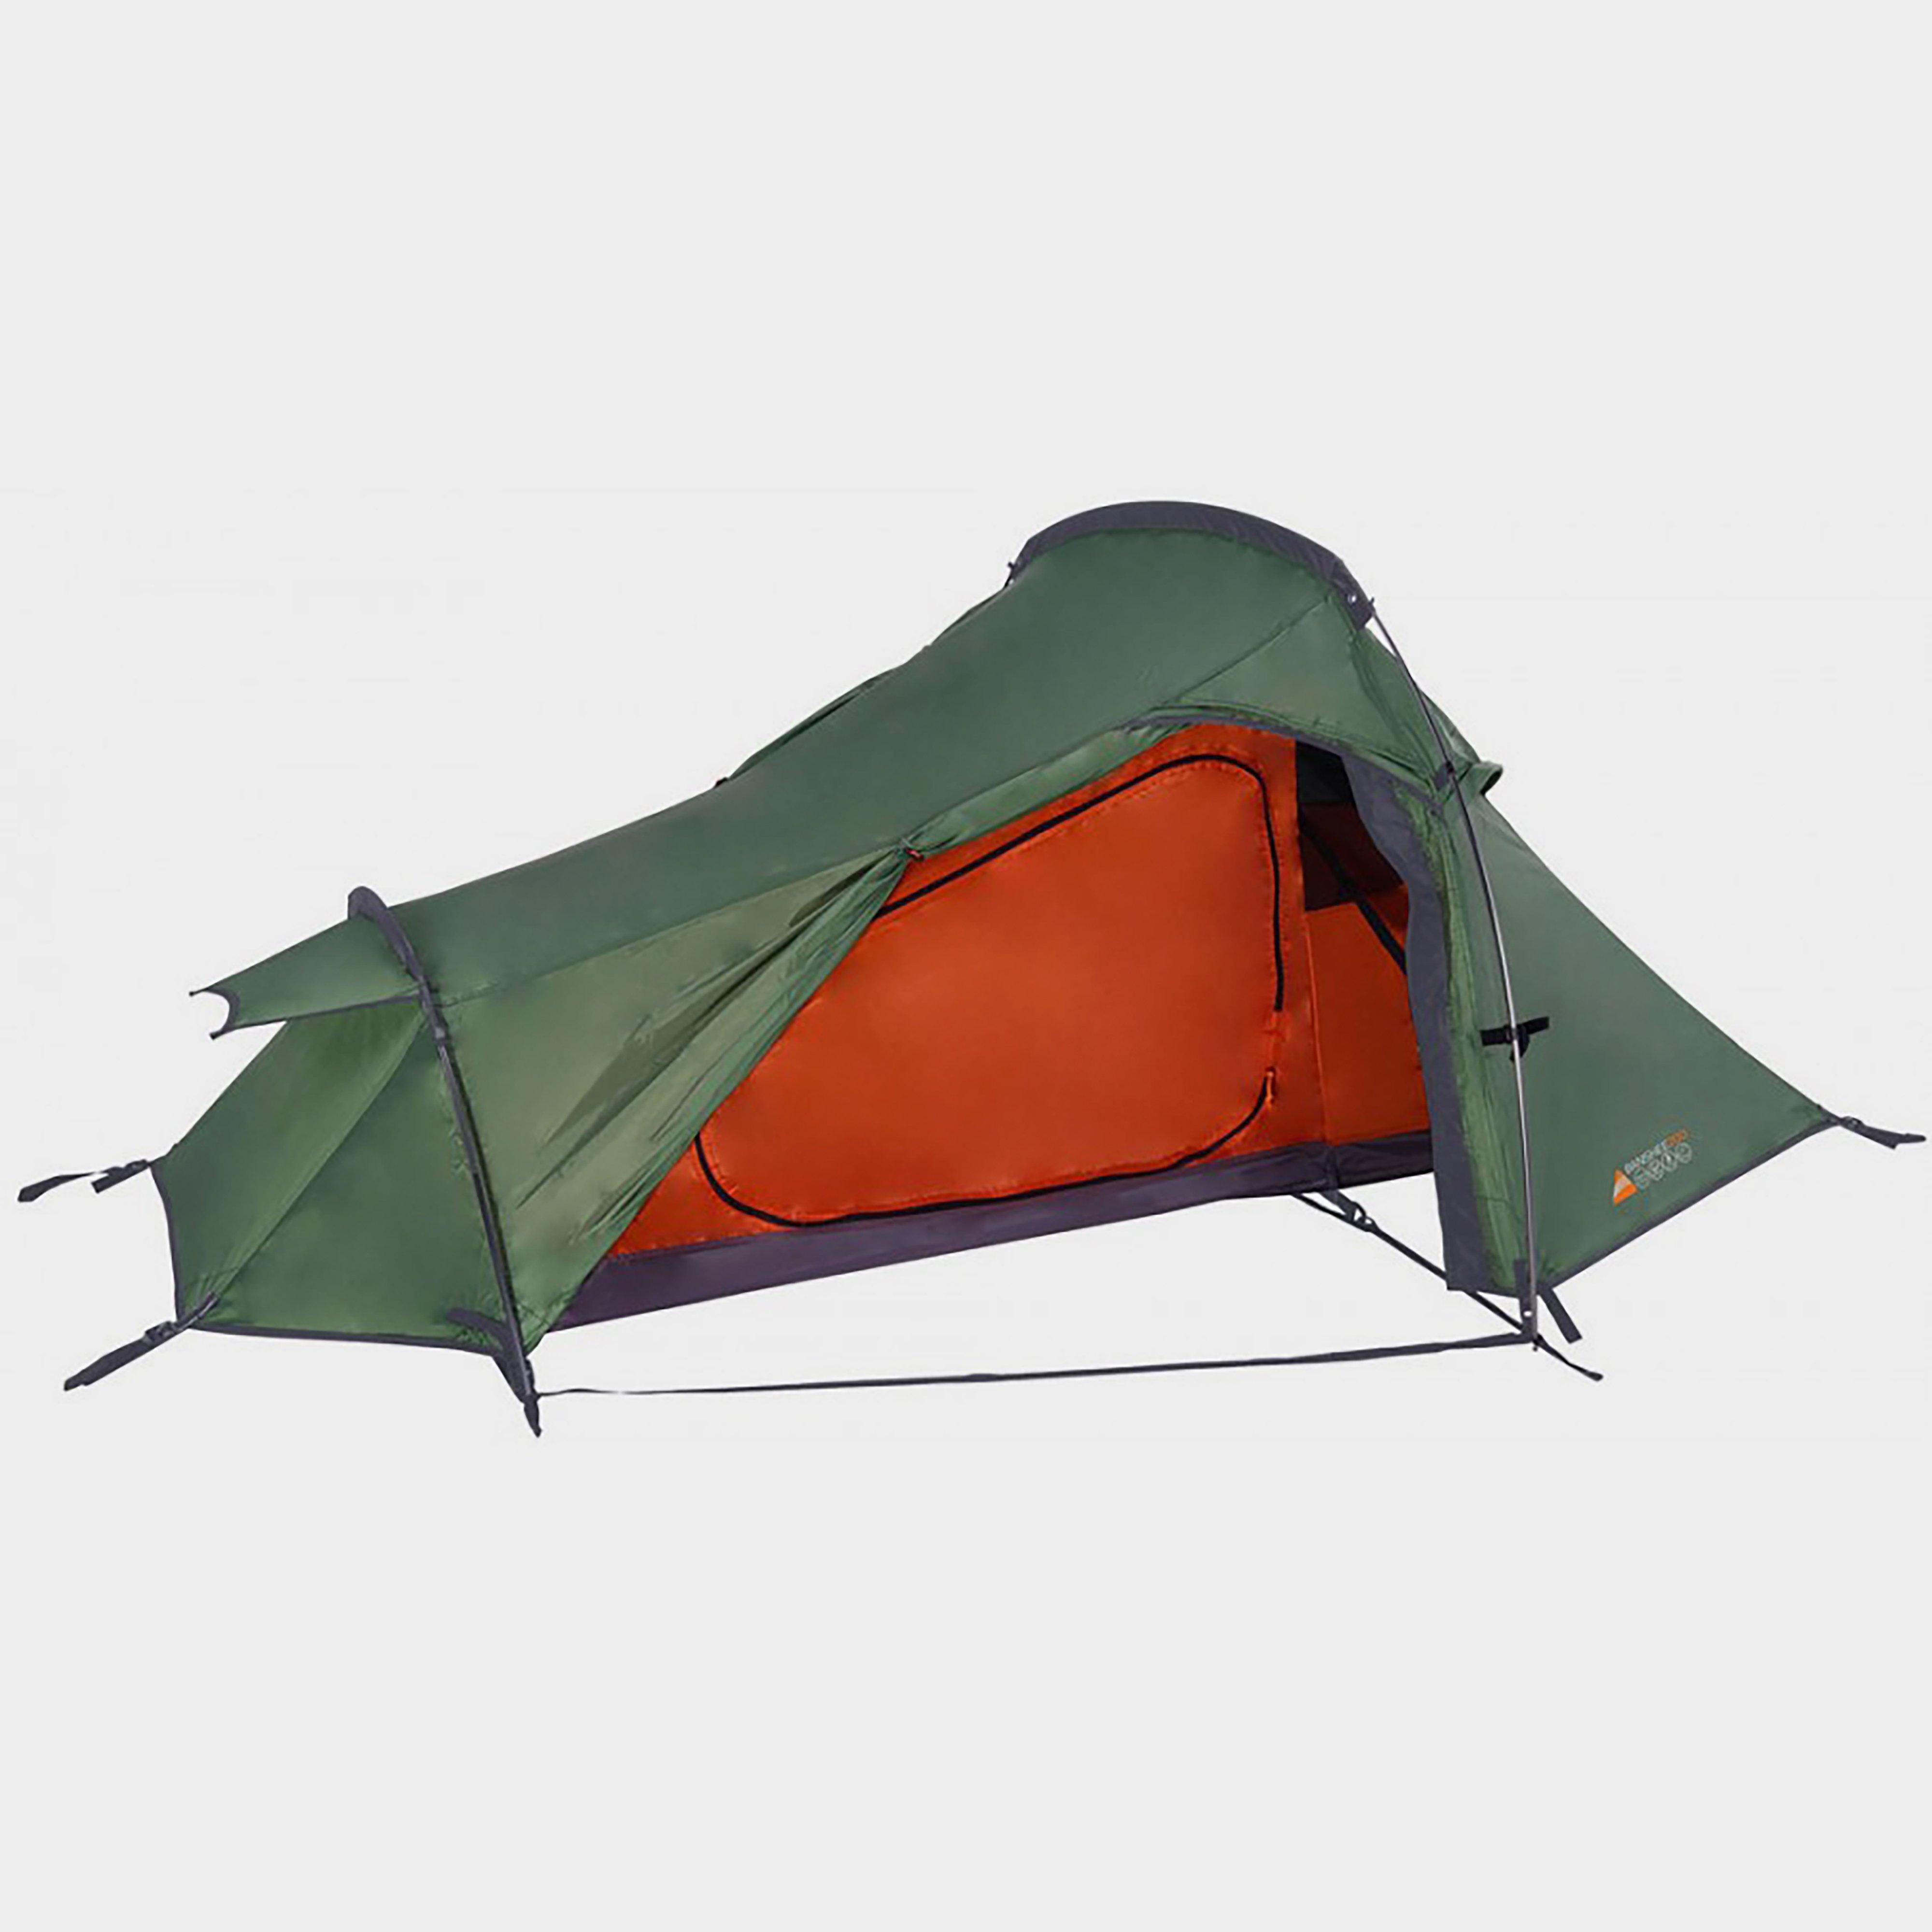 Vango Banshee 200 2 Person Tent - Green, Green